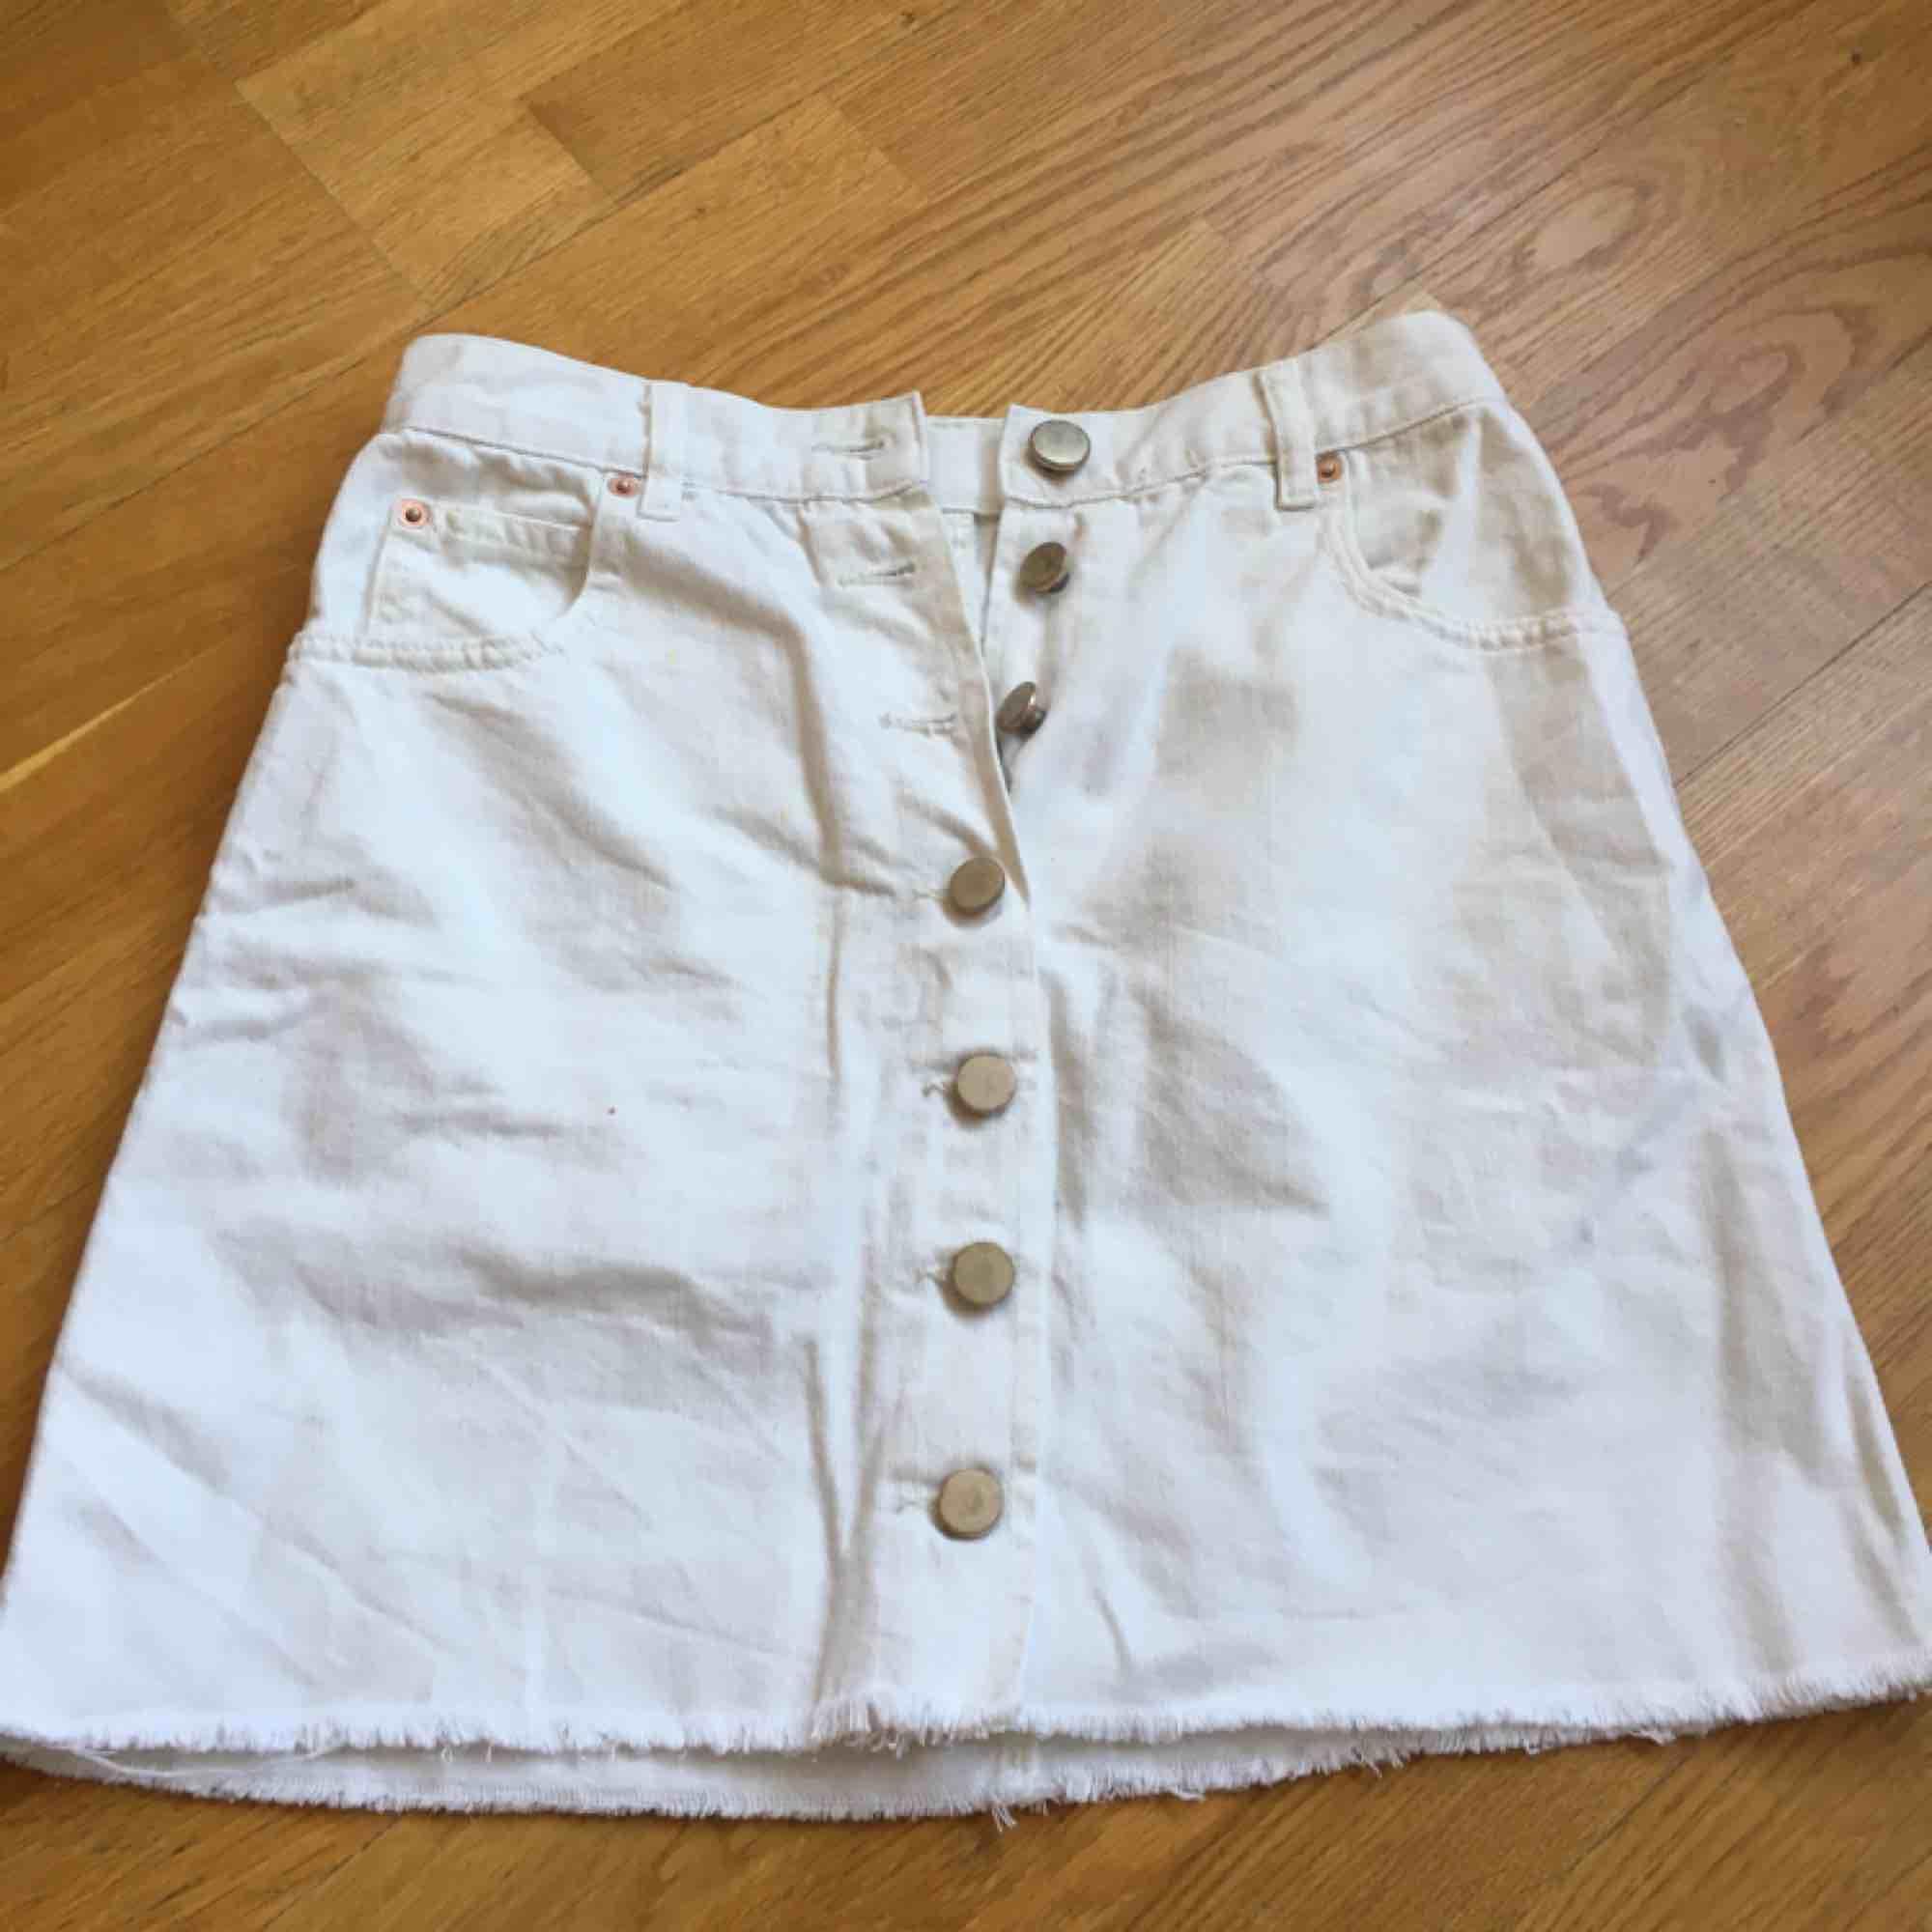 Vit jeanskjol från asos, använd en gång. Finns några gula fläckar som kappa syns (se bild). . Kjolar.